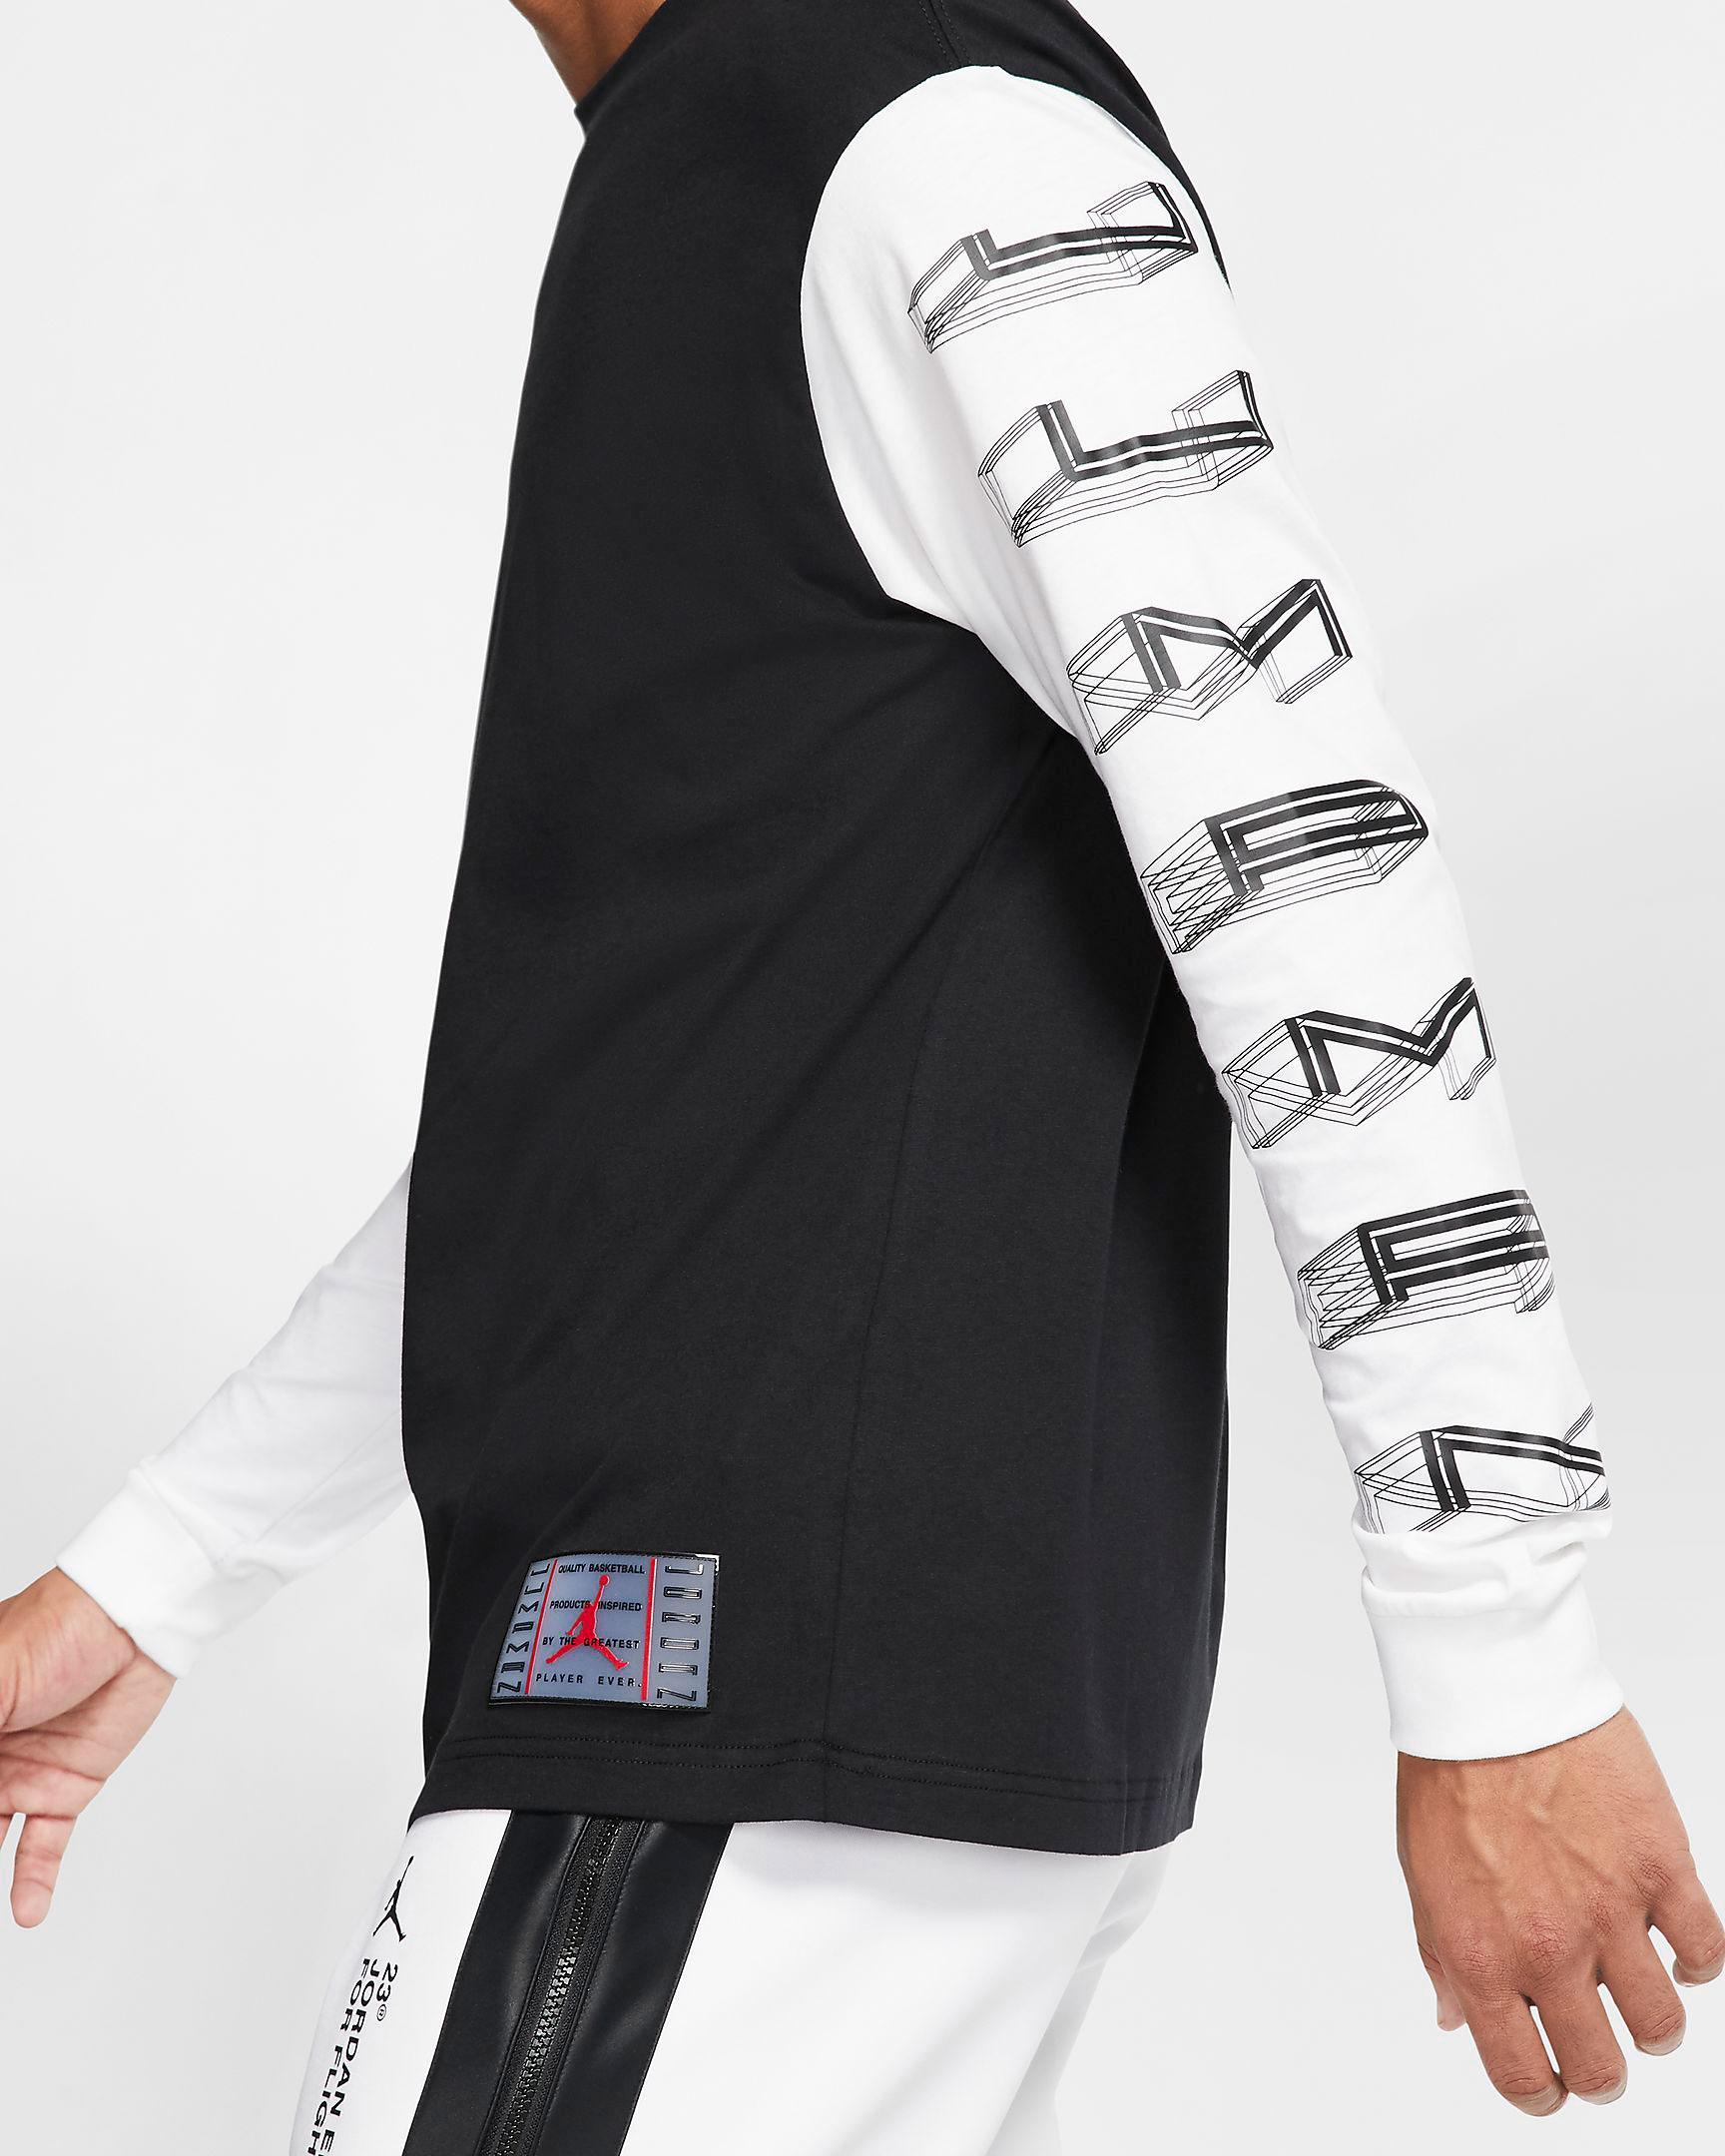 air-jordan-11-bred-2019-long-sleeve-shirt-3